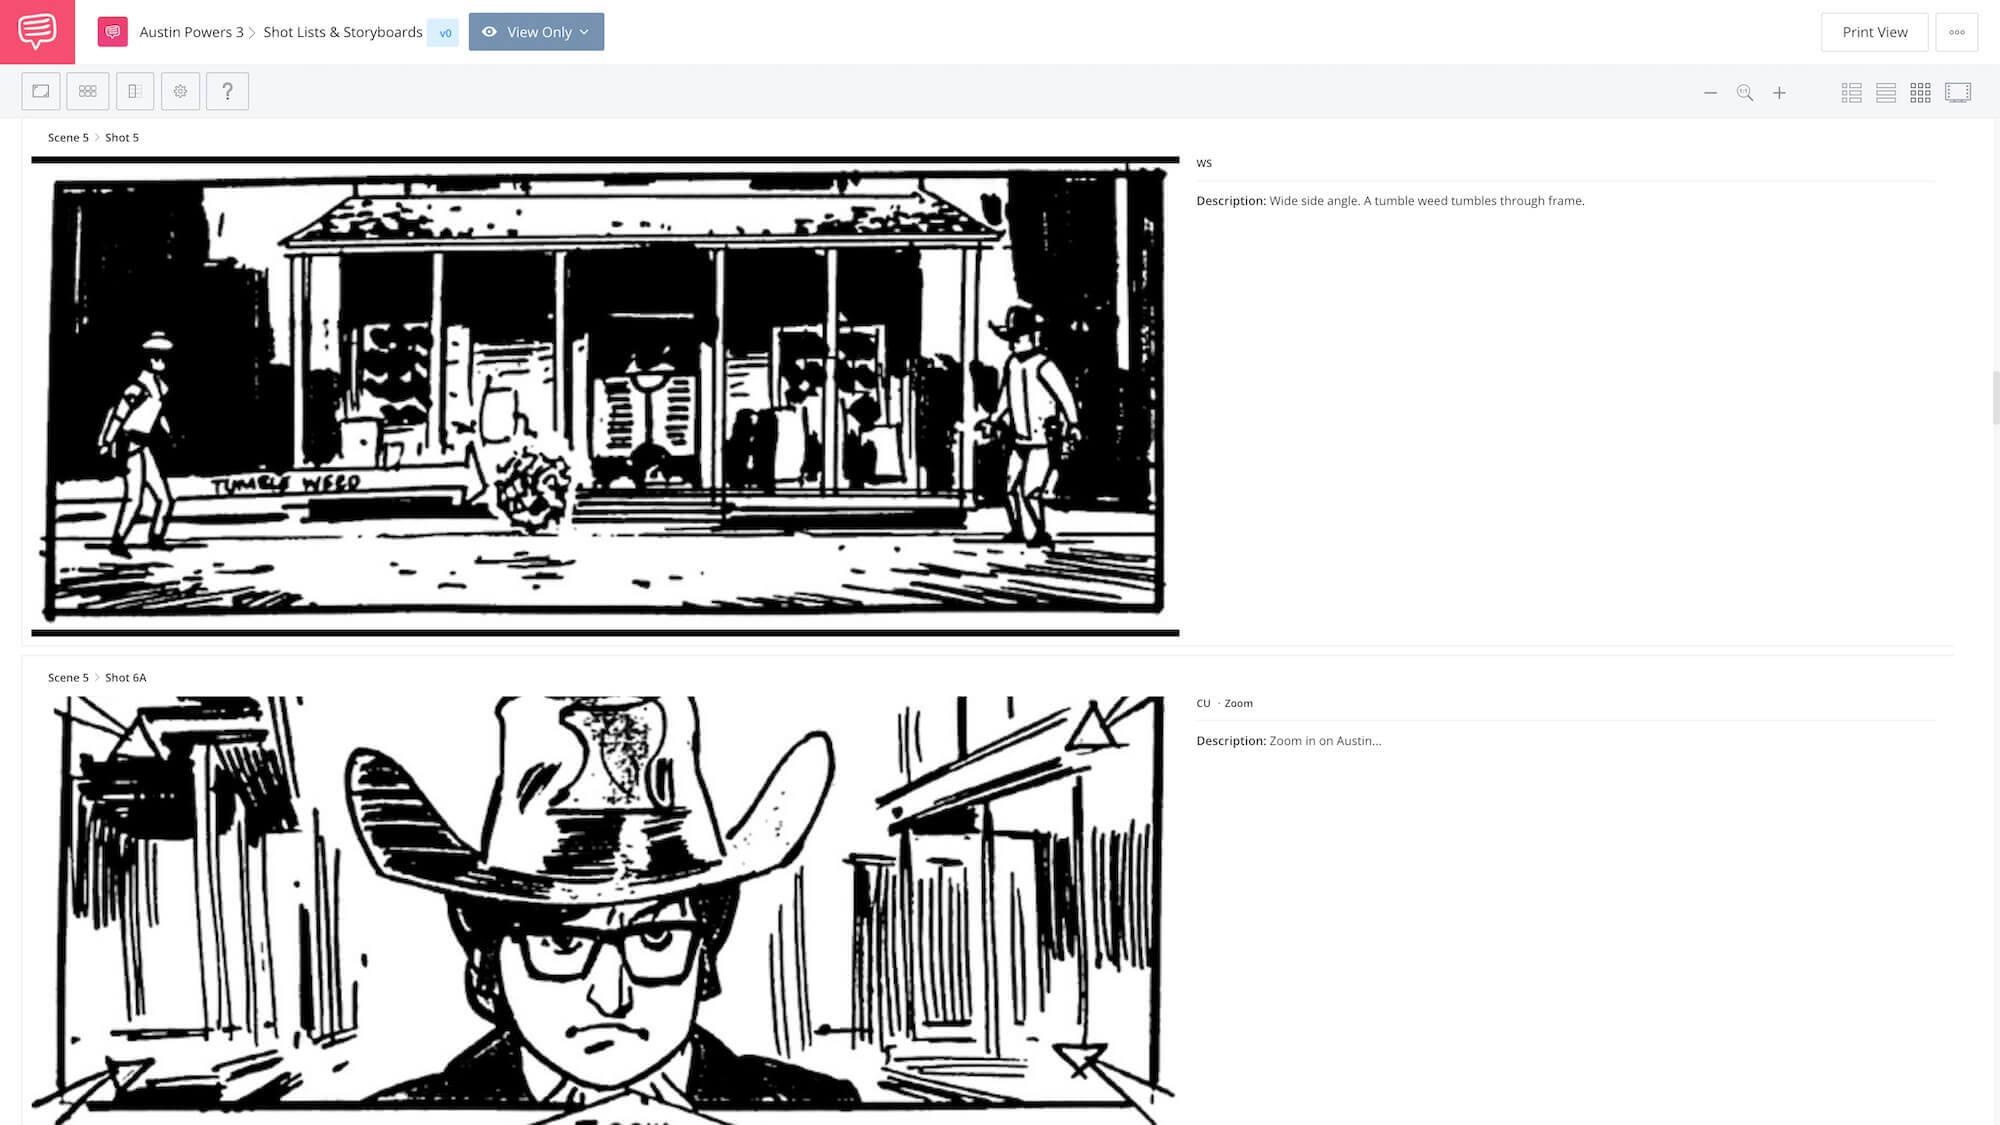 Austin Powers 3 - Wild West Showdown Scene App Tie-In - StudioBinder